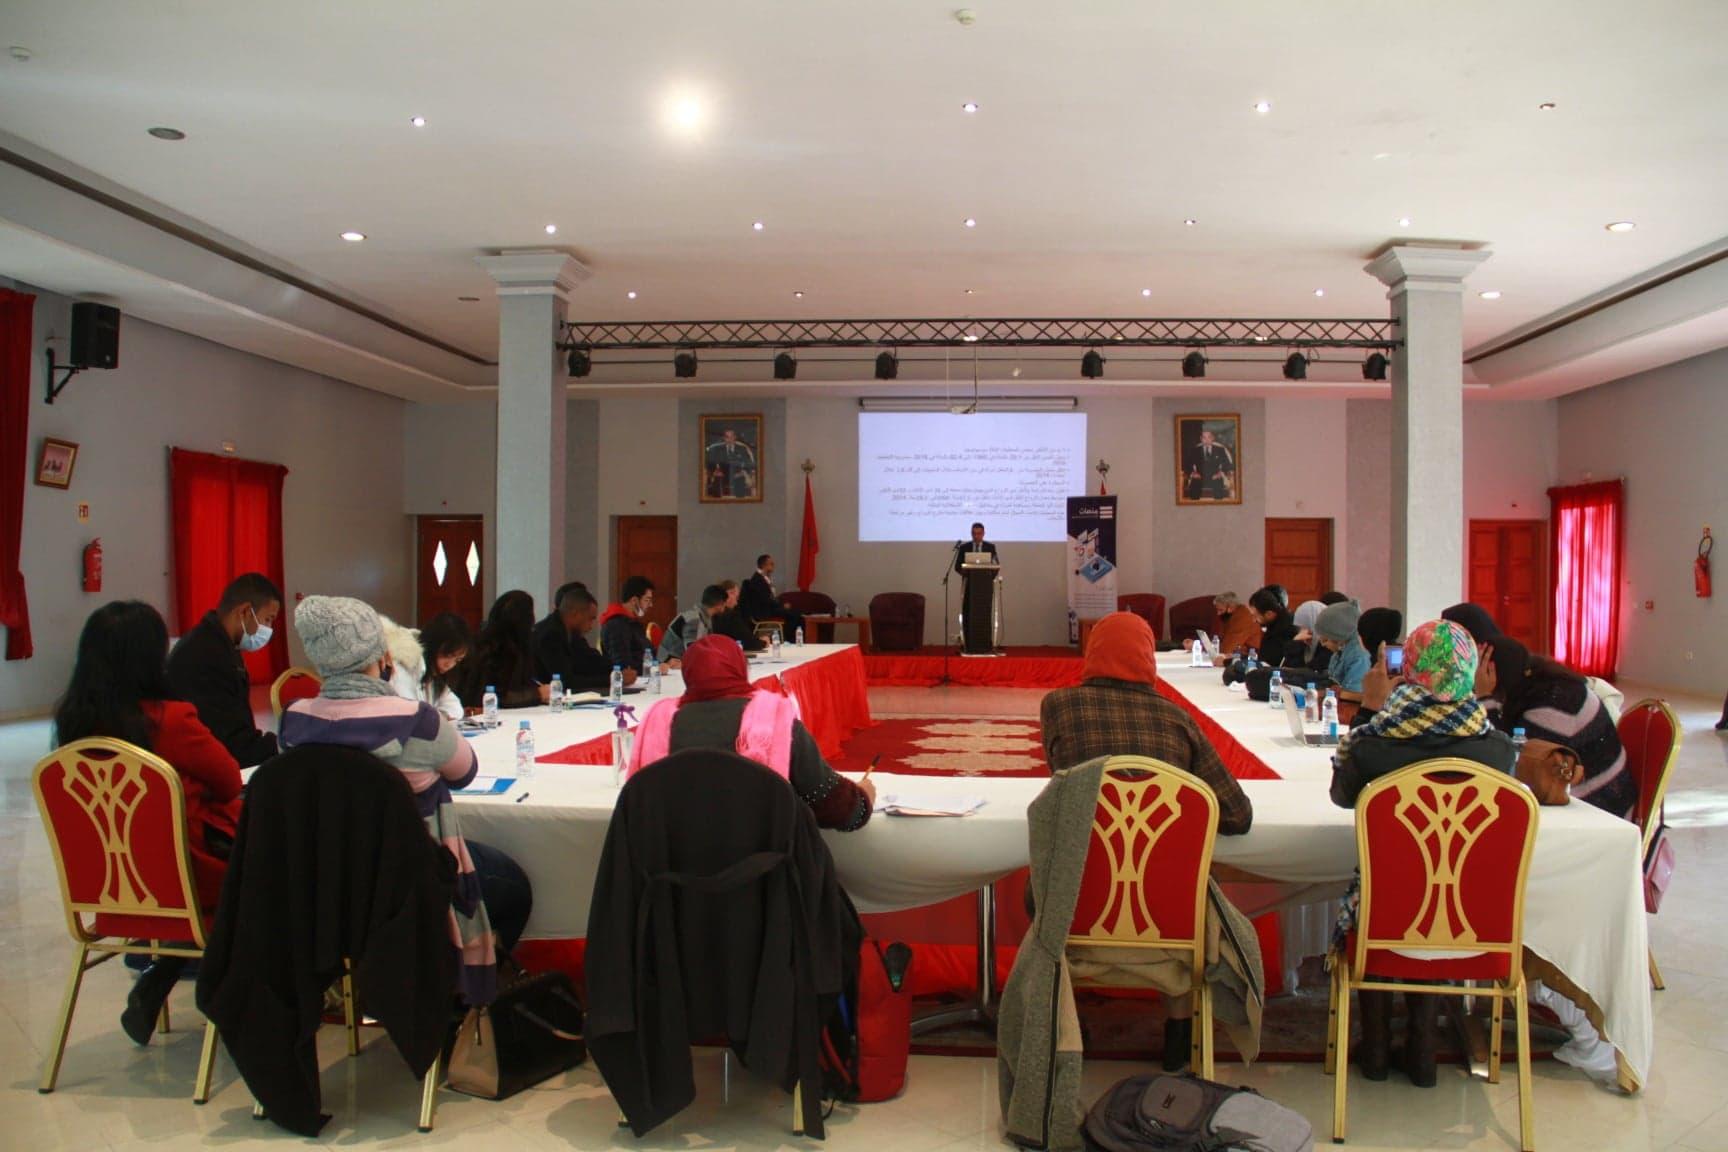 منصات تطلق دينامية بحثية حول الحريات الفردية بالمغرب